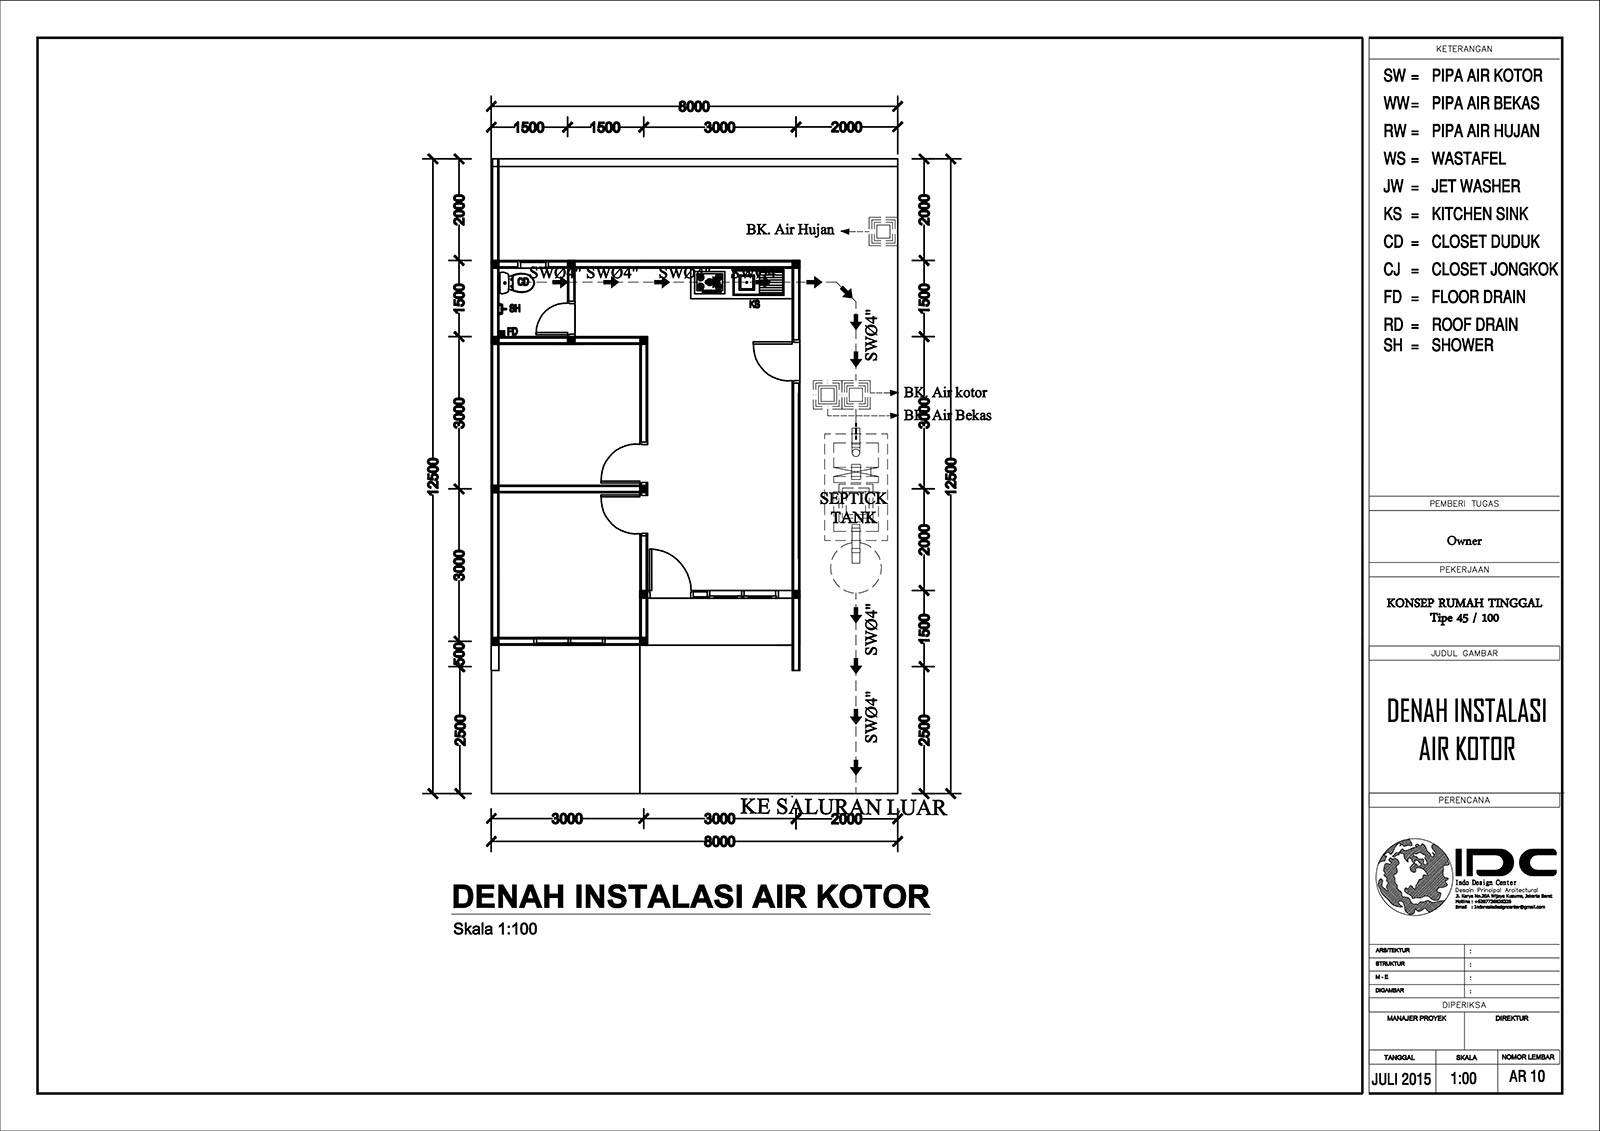 Downloads File AutoCAD Gambar di atas : KLIK DISINI